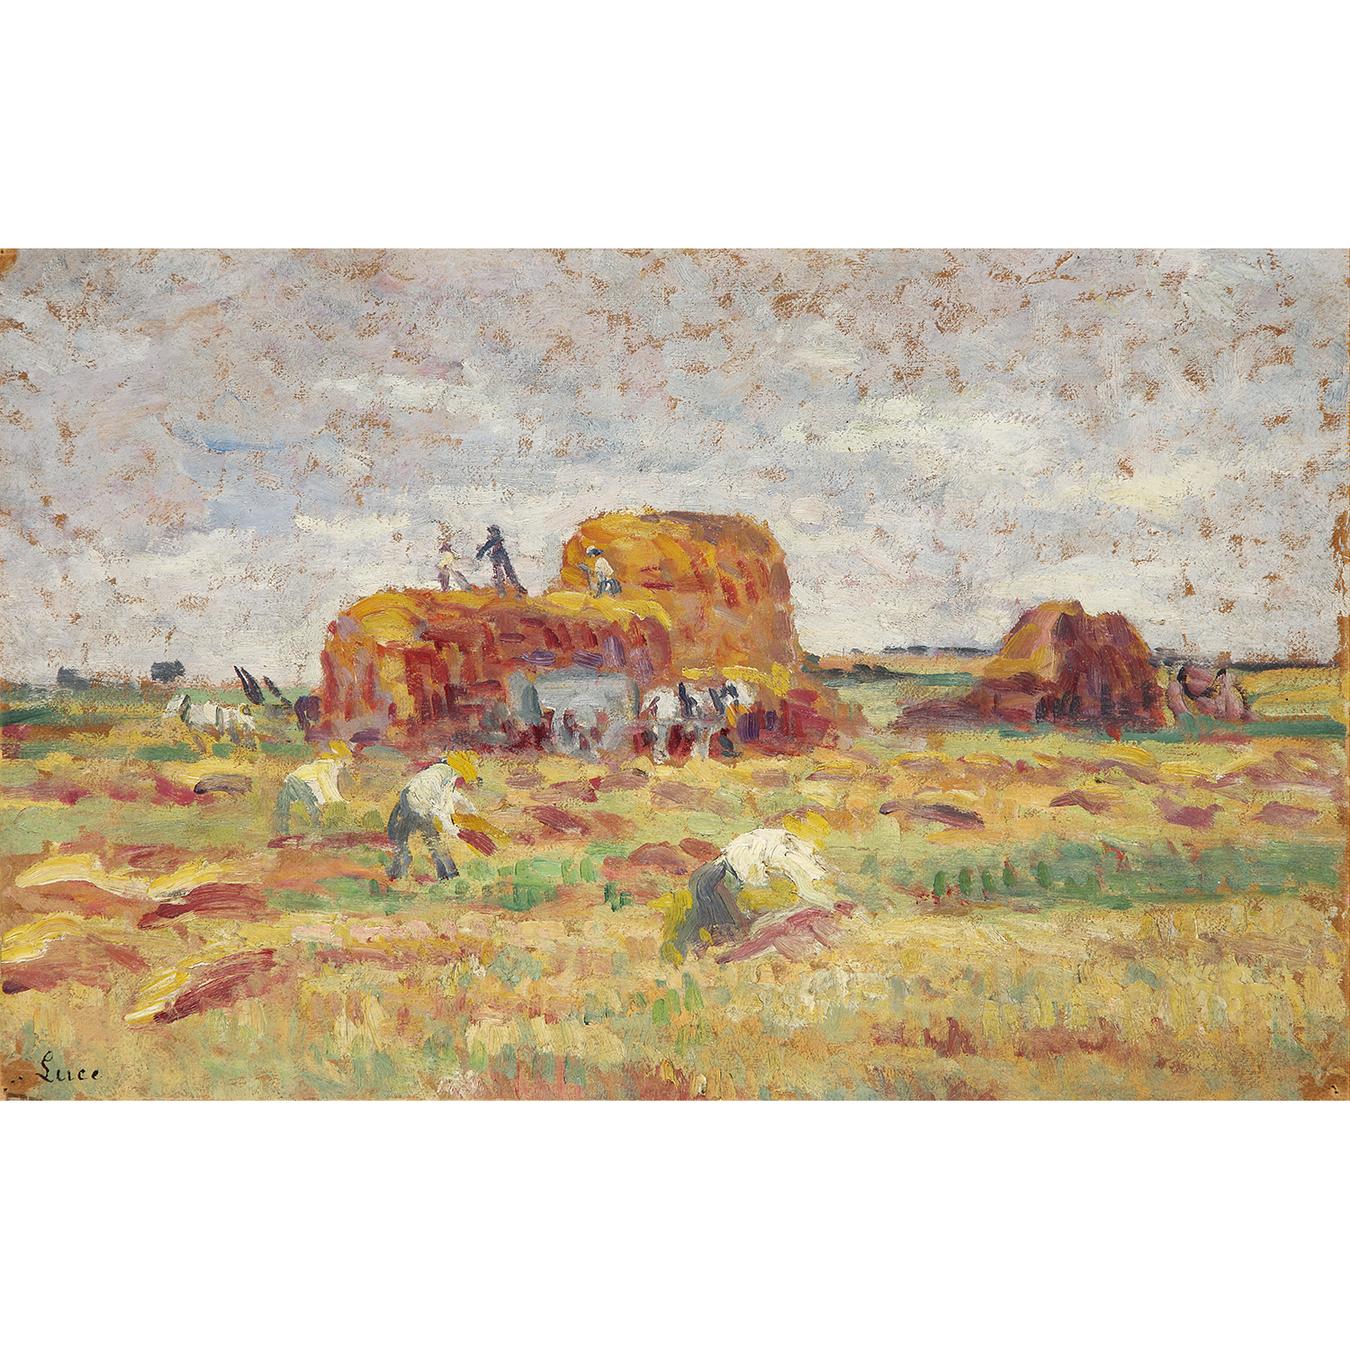 Maximilien Luce-Rolleboise, La Fenaison, Vers-1938-1935